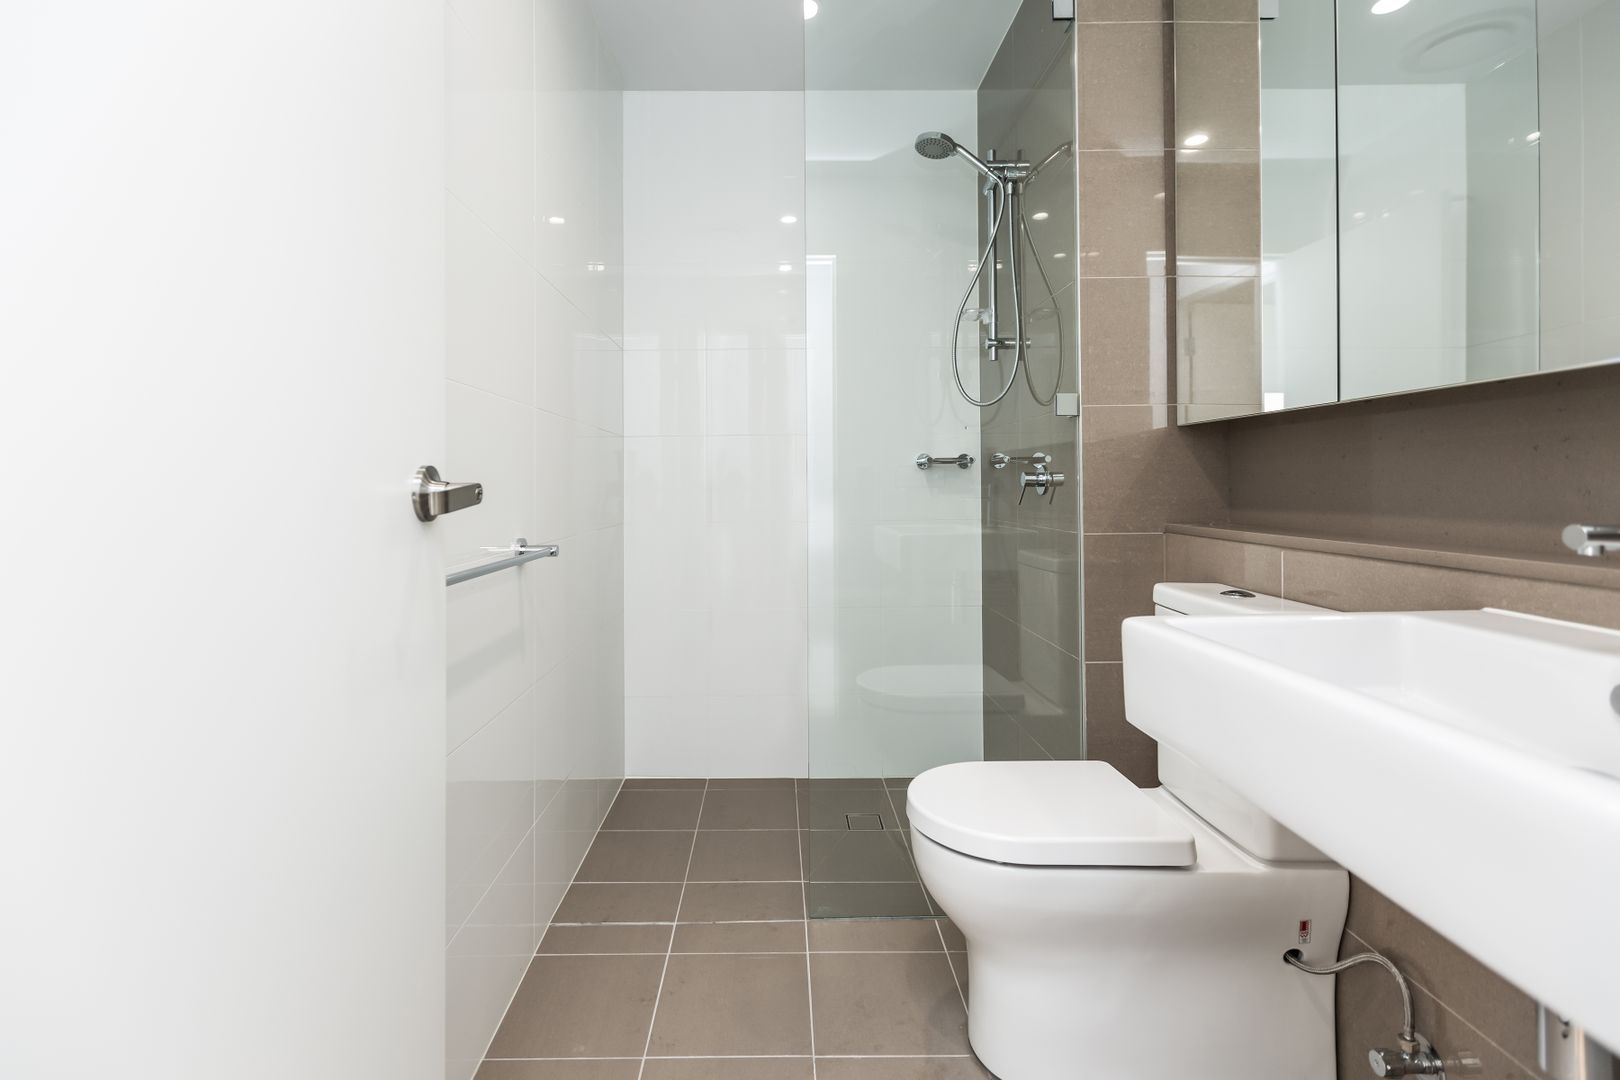 304/2 Keats Avenue, Rockdale NSW 2216, Image 1